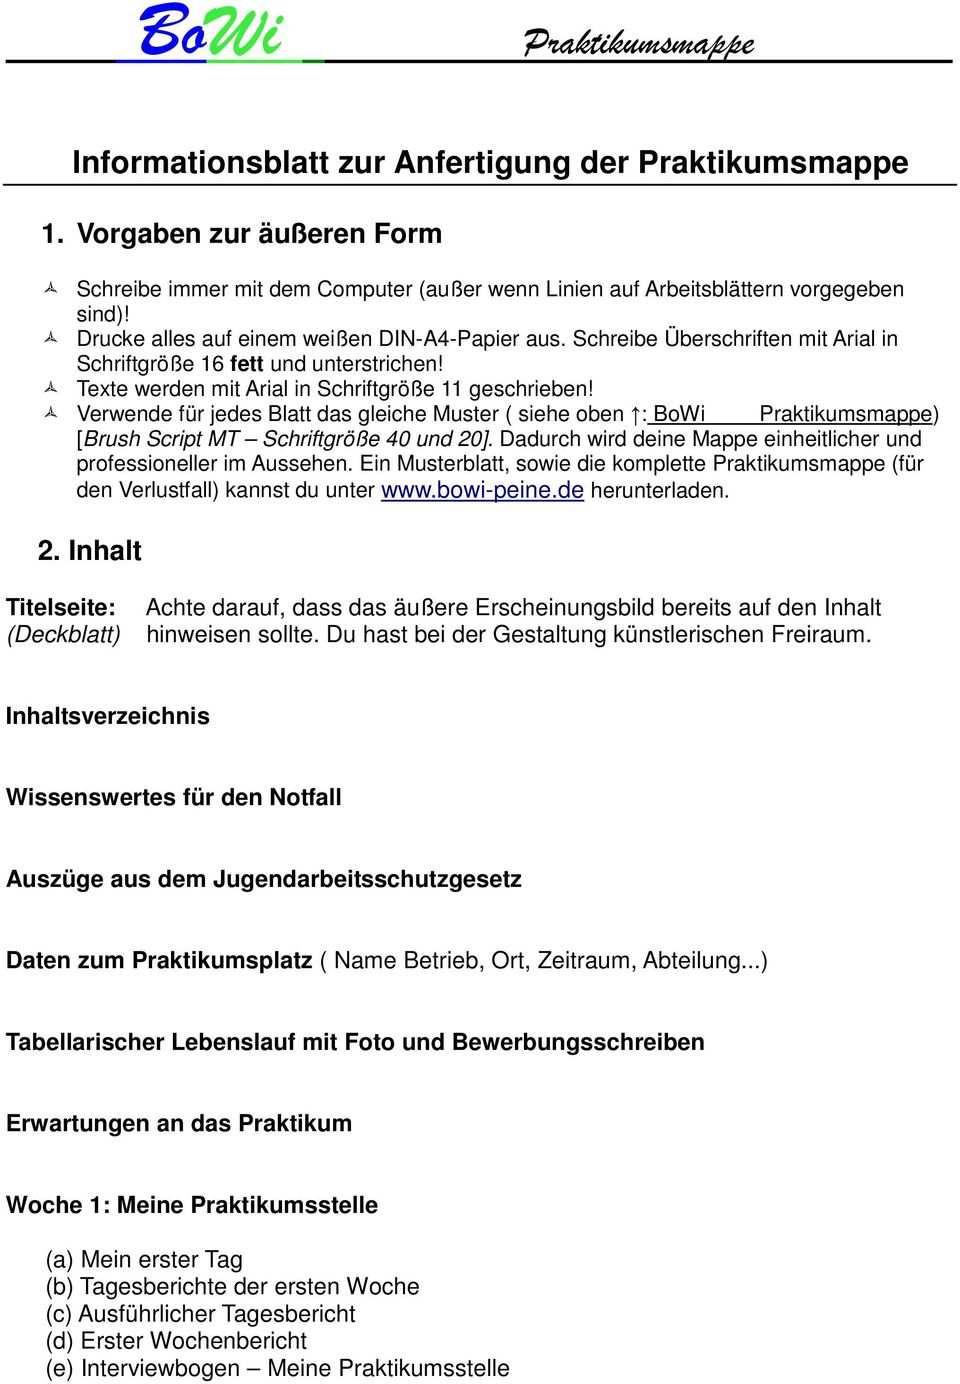 Informationsblatt Zur Anfertigung Der Praktikumsmappe Pdf Free